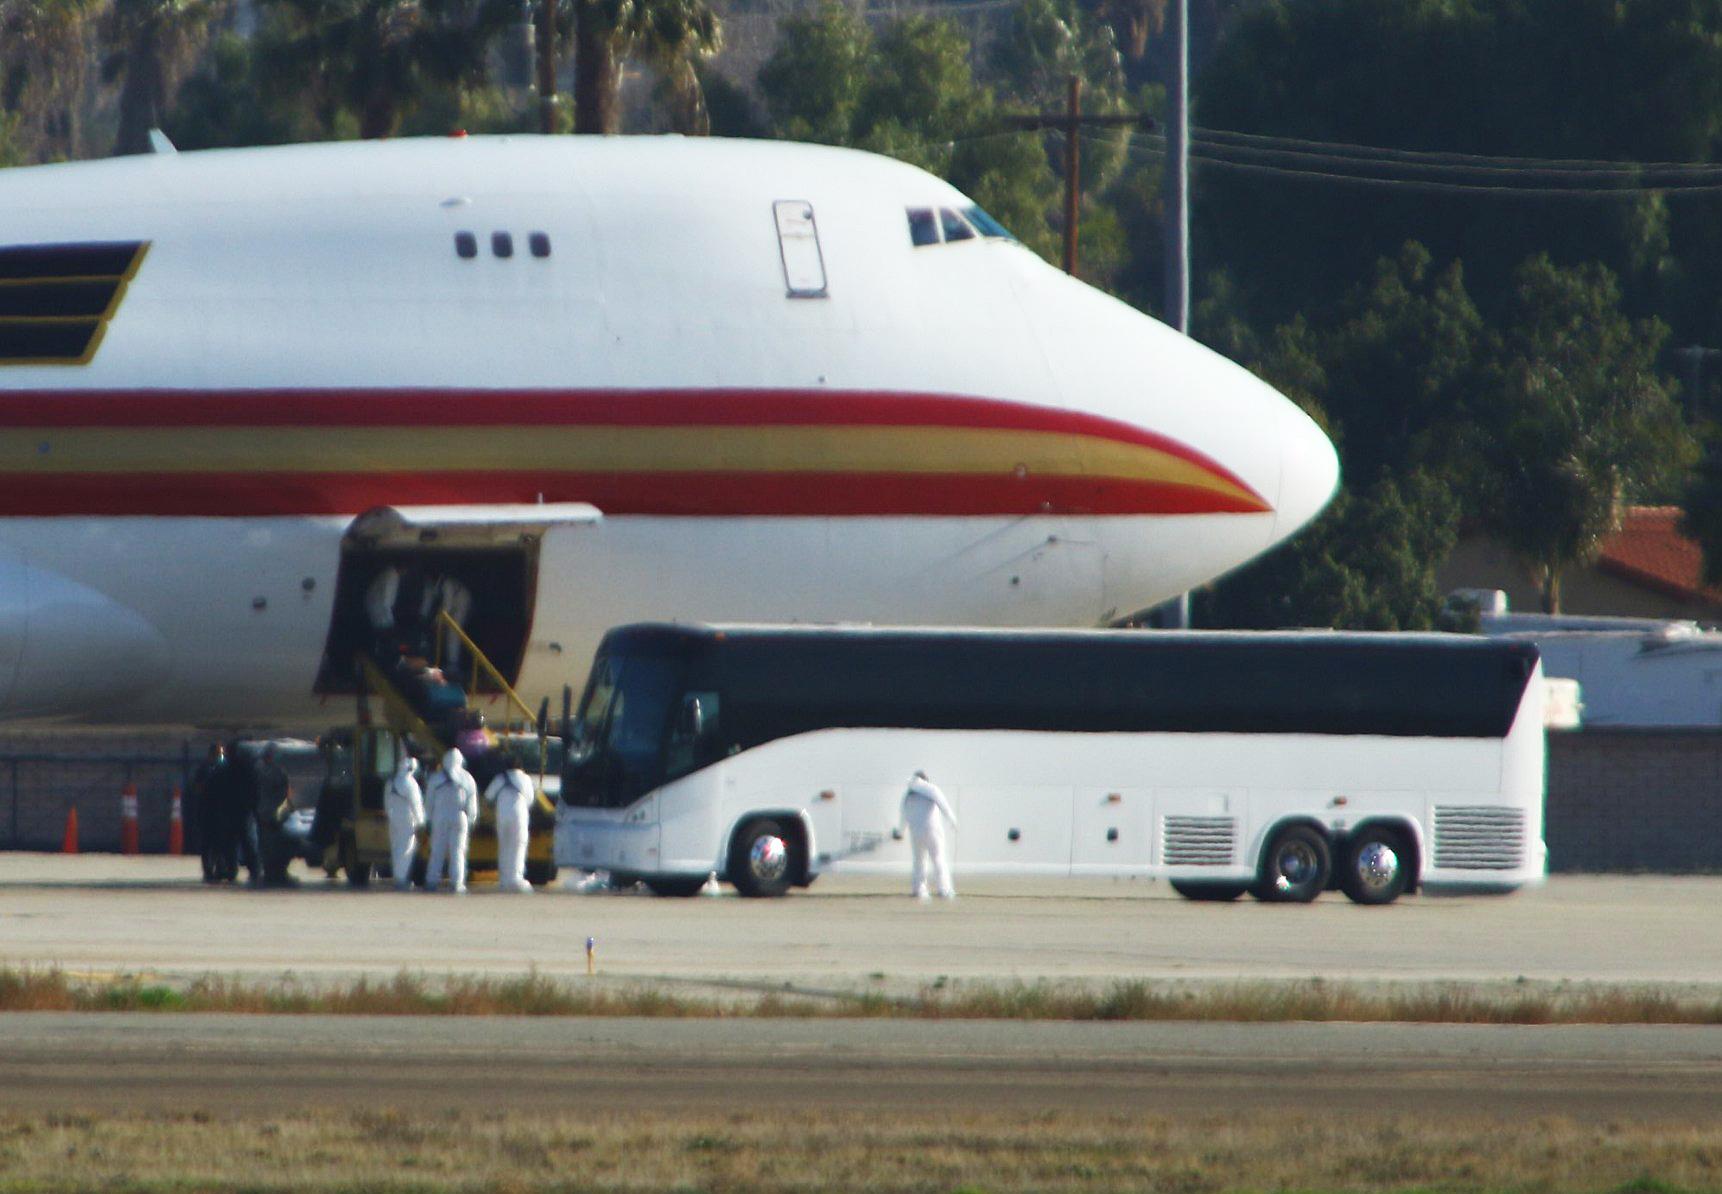 2020年1月29日早上約8點,從武漢撤離美國公民的包機抵達加利福尼亞。(MATT HARTMAN/AFP via Getty Images)